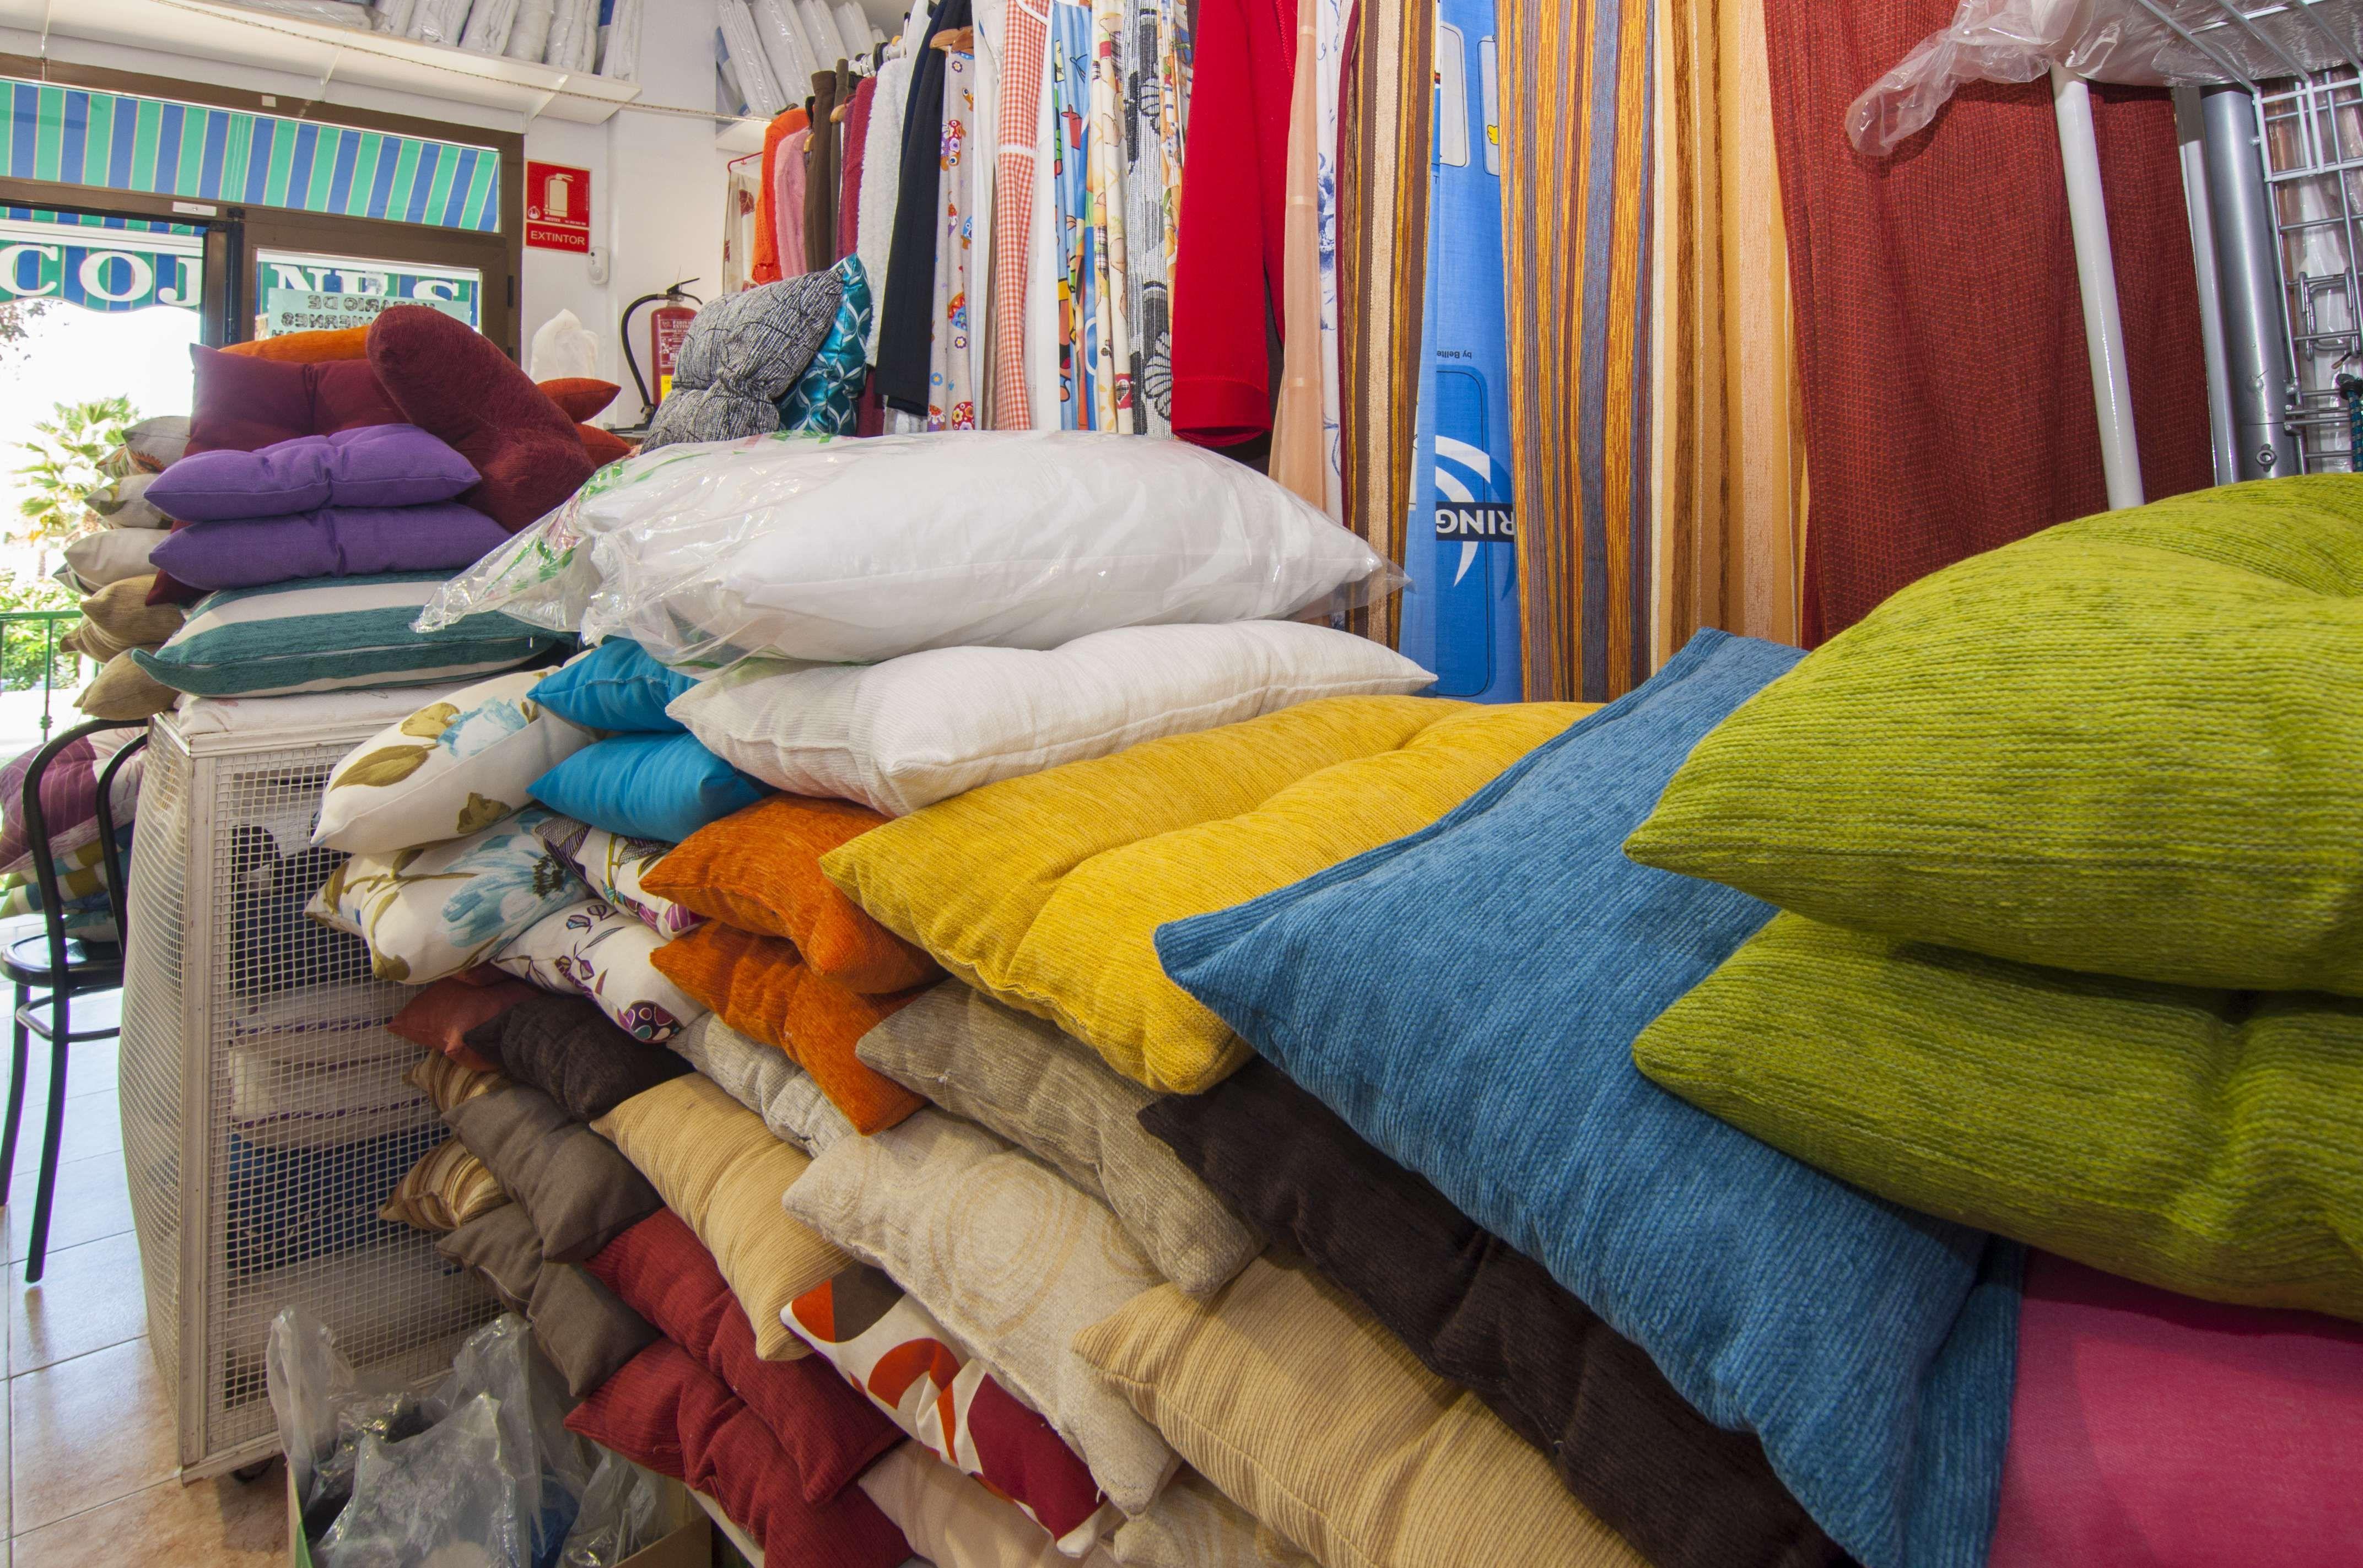 Tienda de tejidos y cojines en Málaga